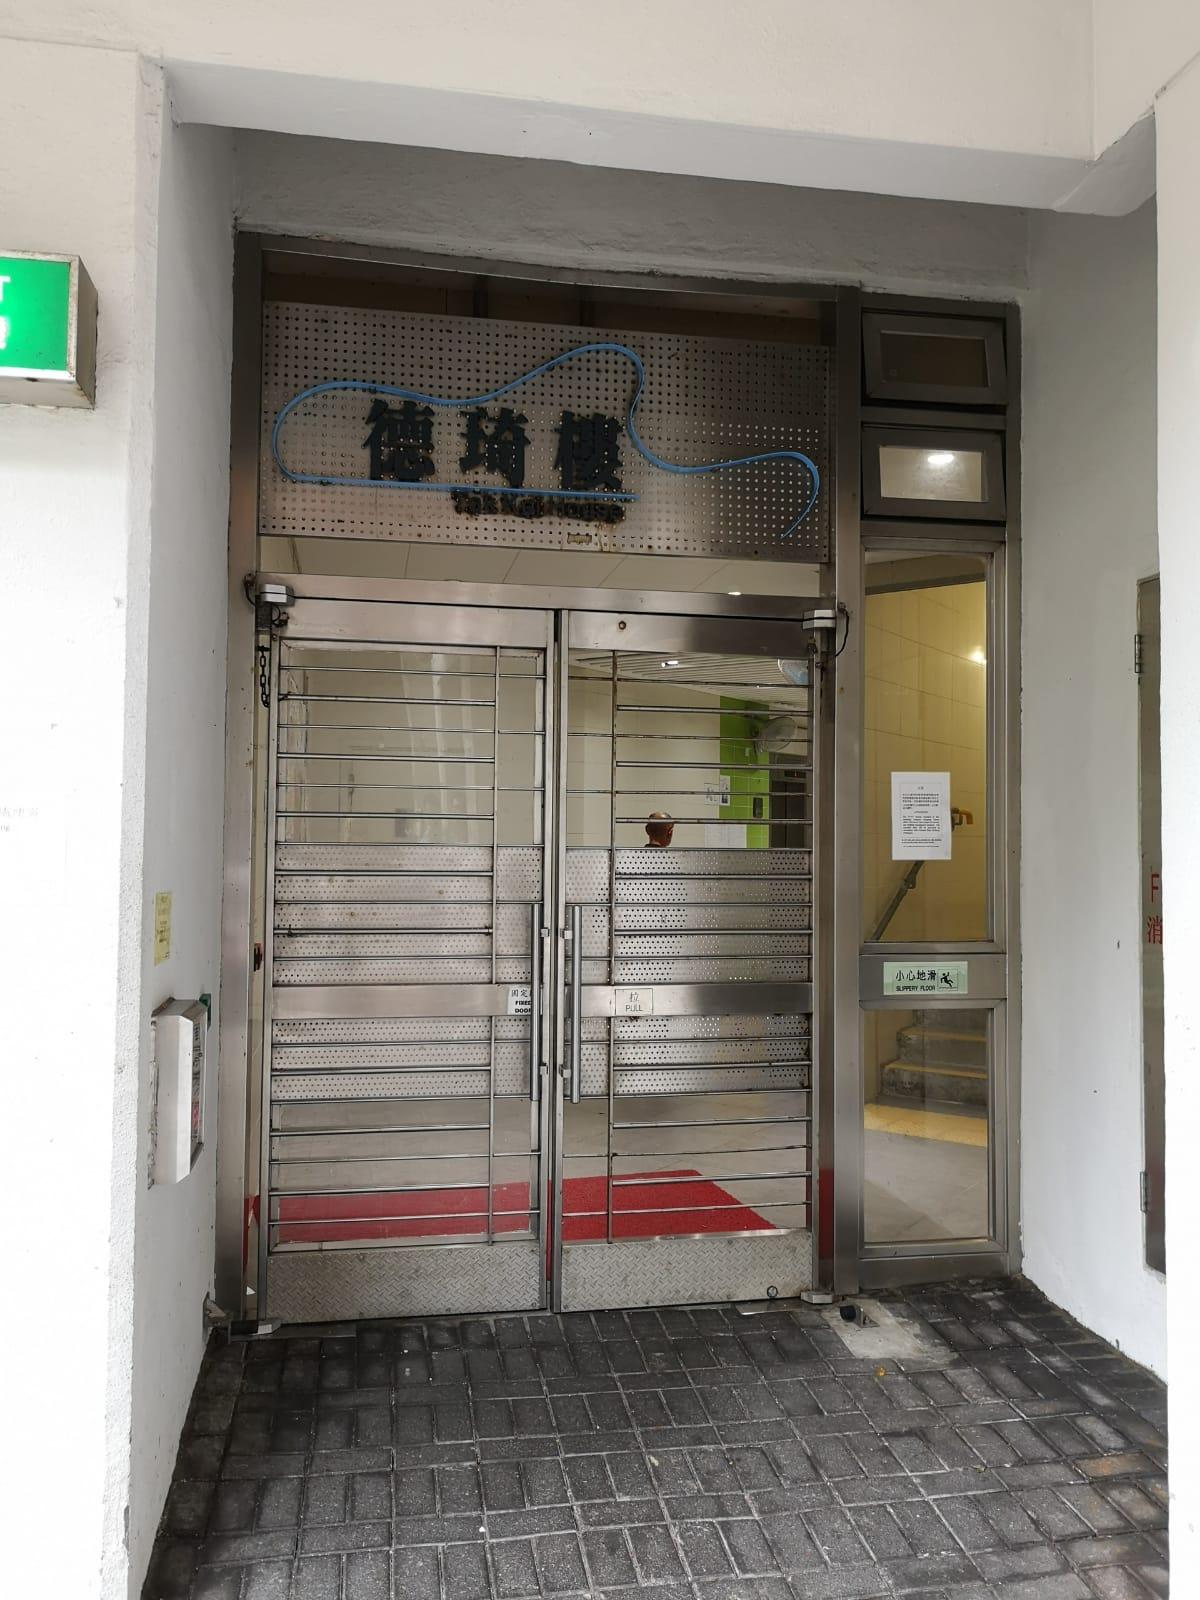 事发于德朗邨德琦楼。